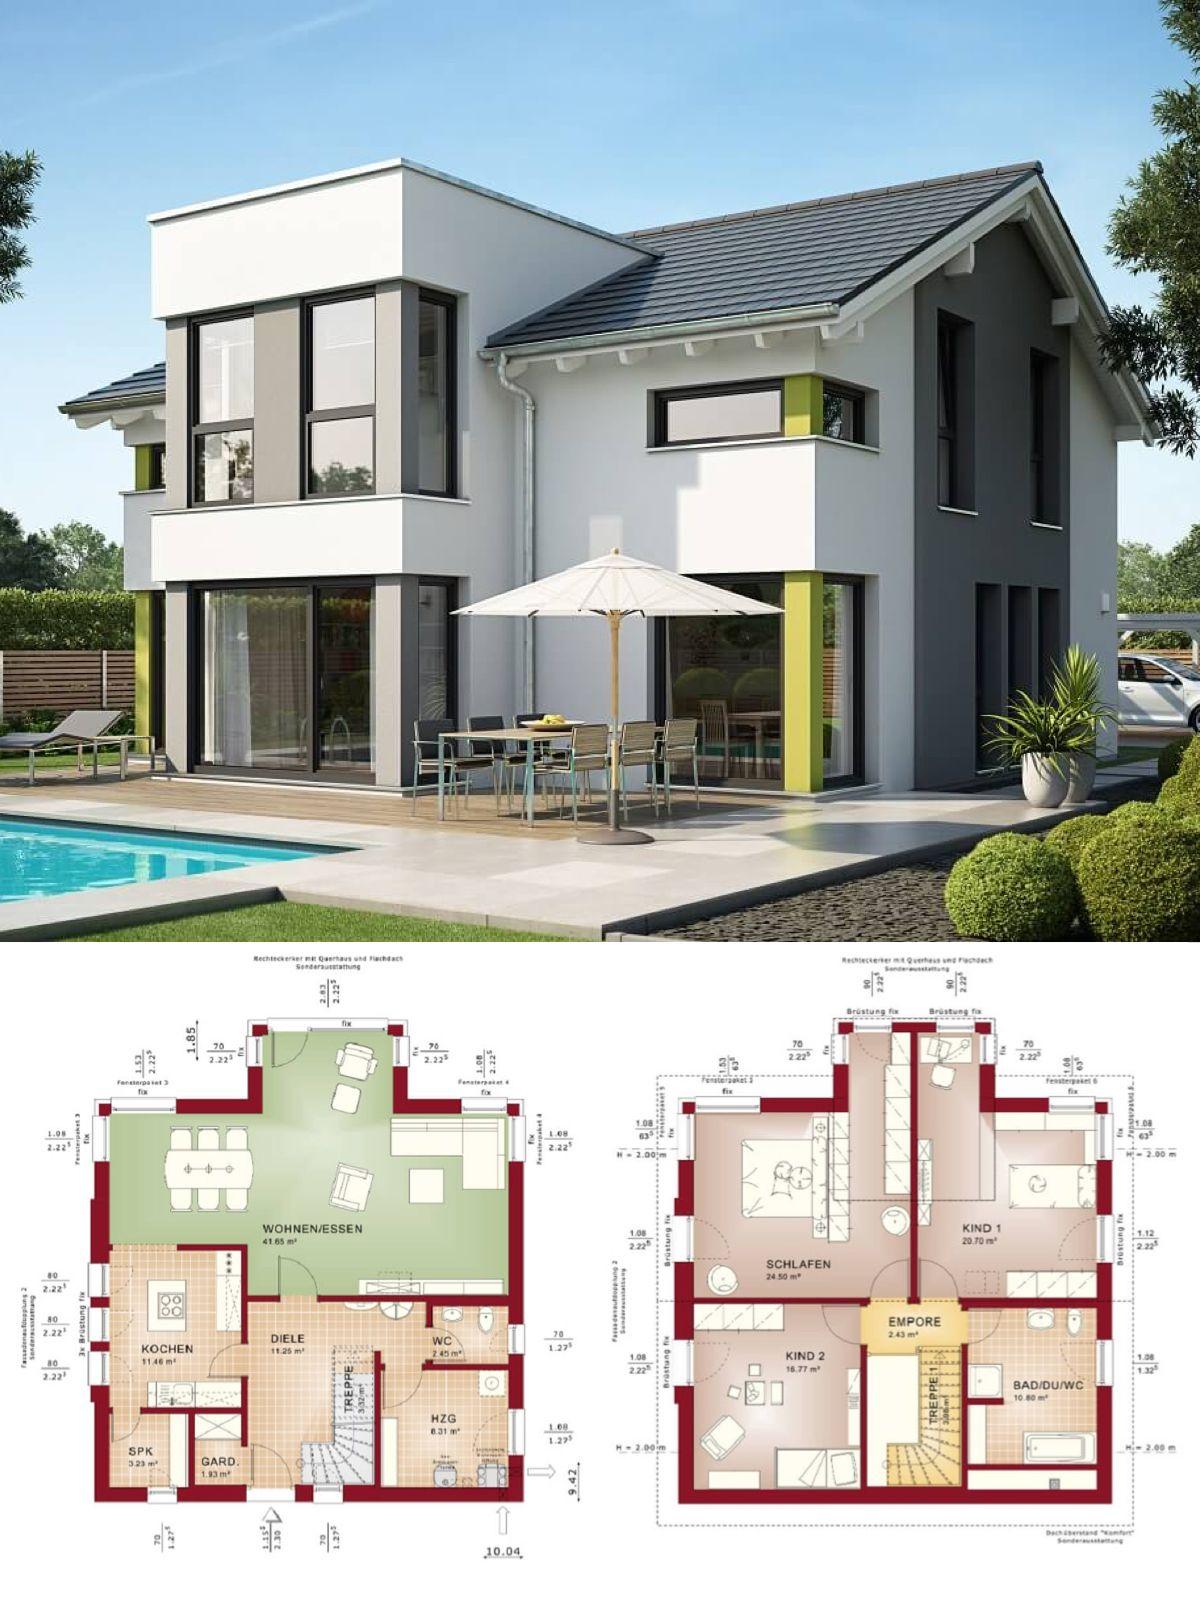 Einfamilienhaus Neubau Modern Mit Satteldach U0026 Querhaus   Haus Bauen  Grundriss Fertighaus Evolution 154 V7 Bien